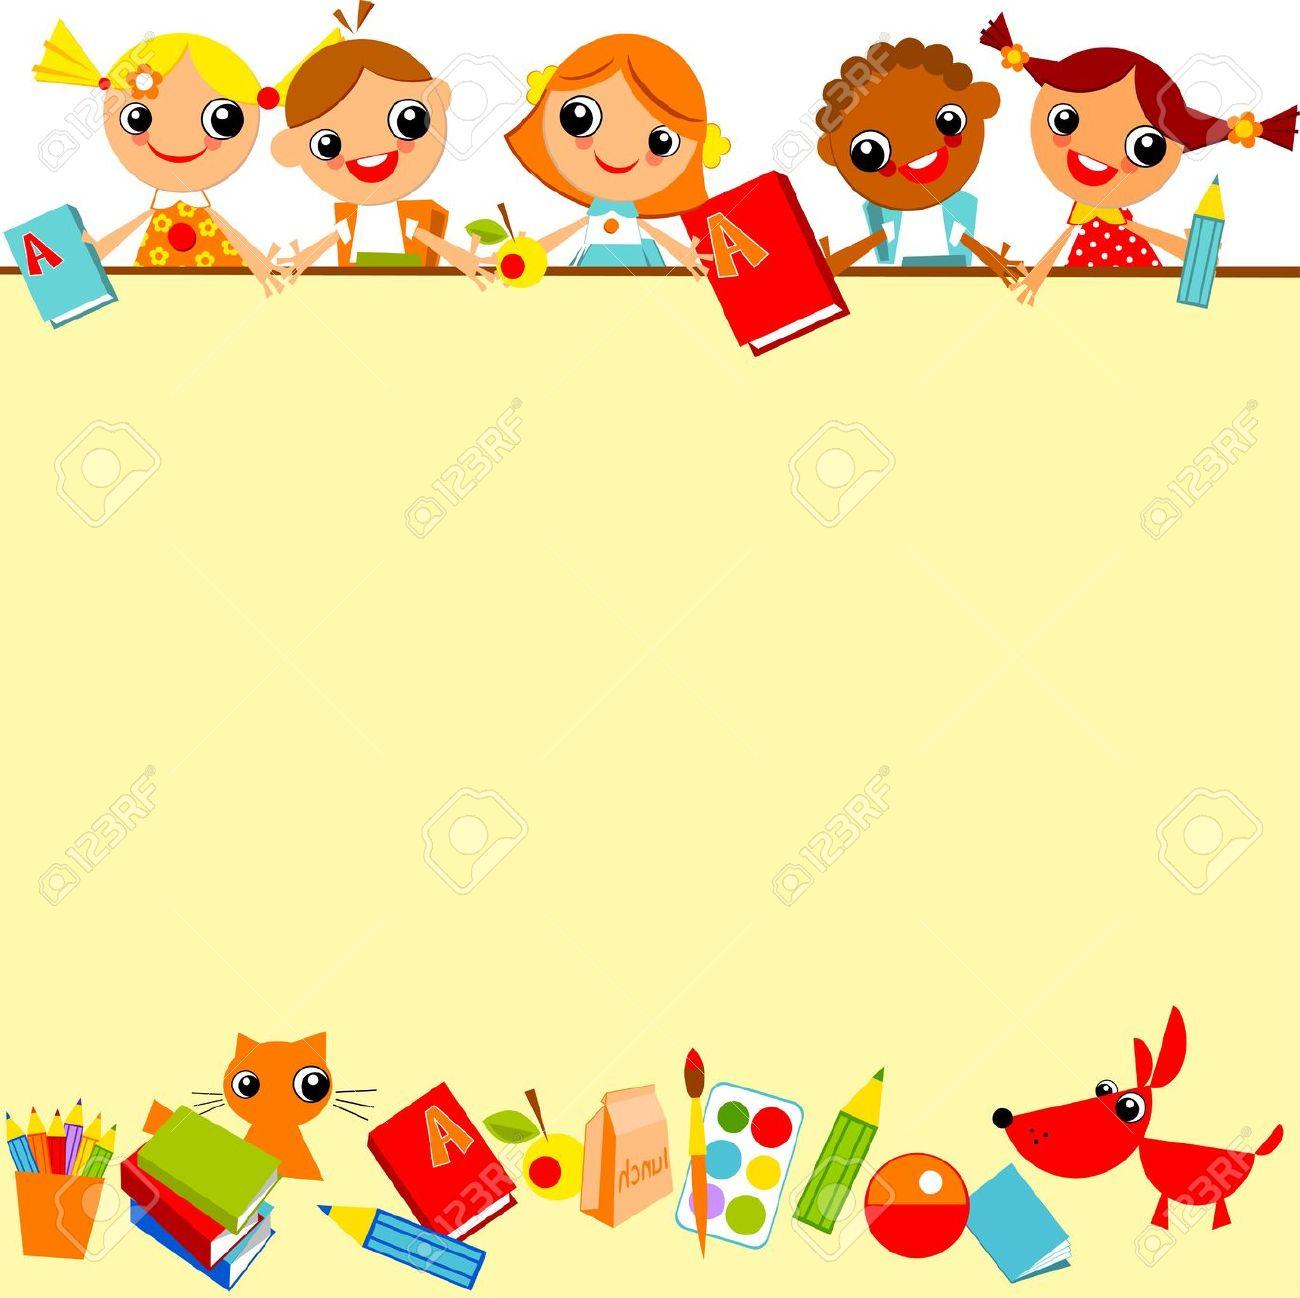 Bambini Scuola Clipart Foto Royalty Free, Immagini, Immagini E.